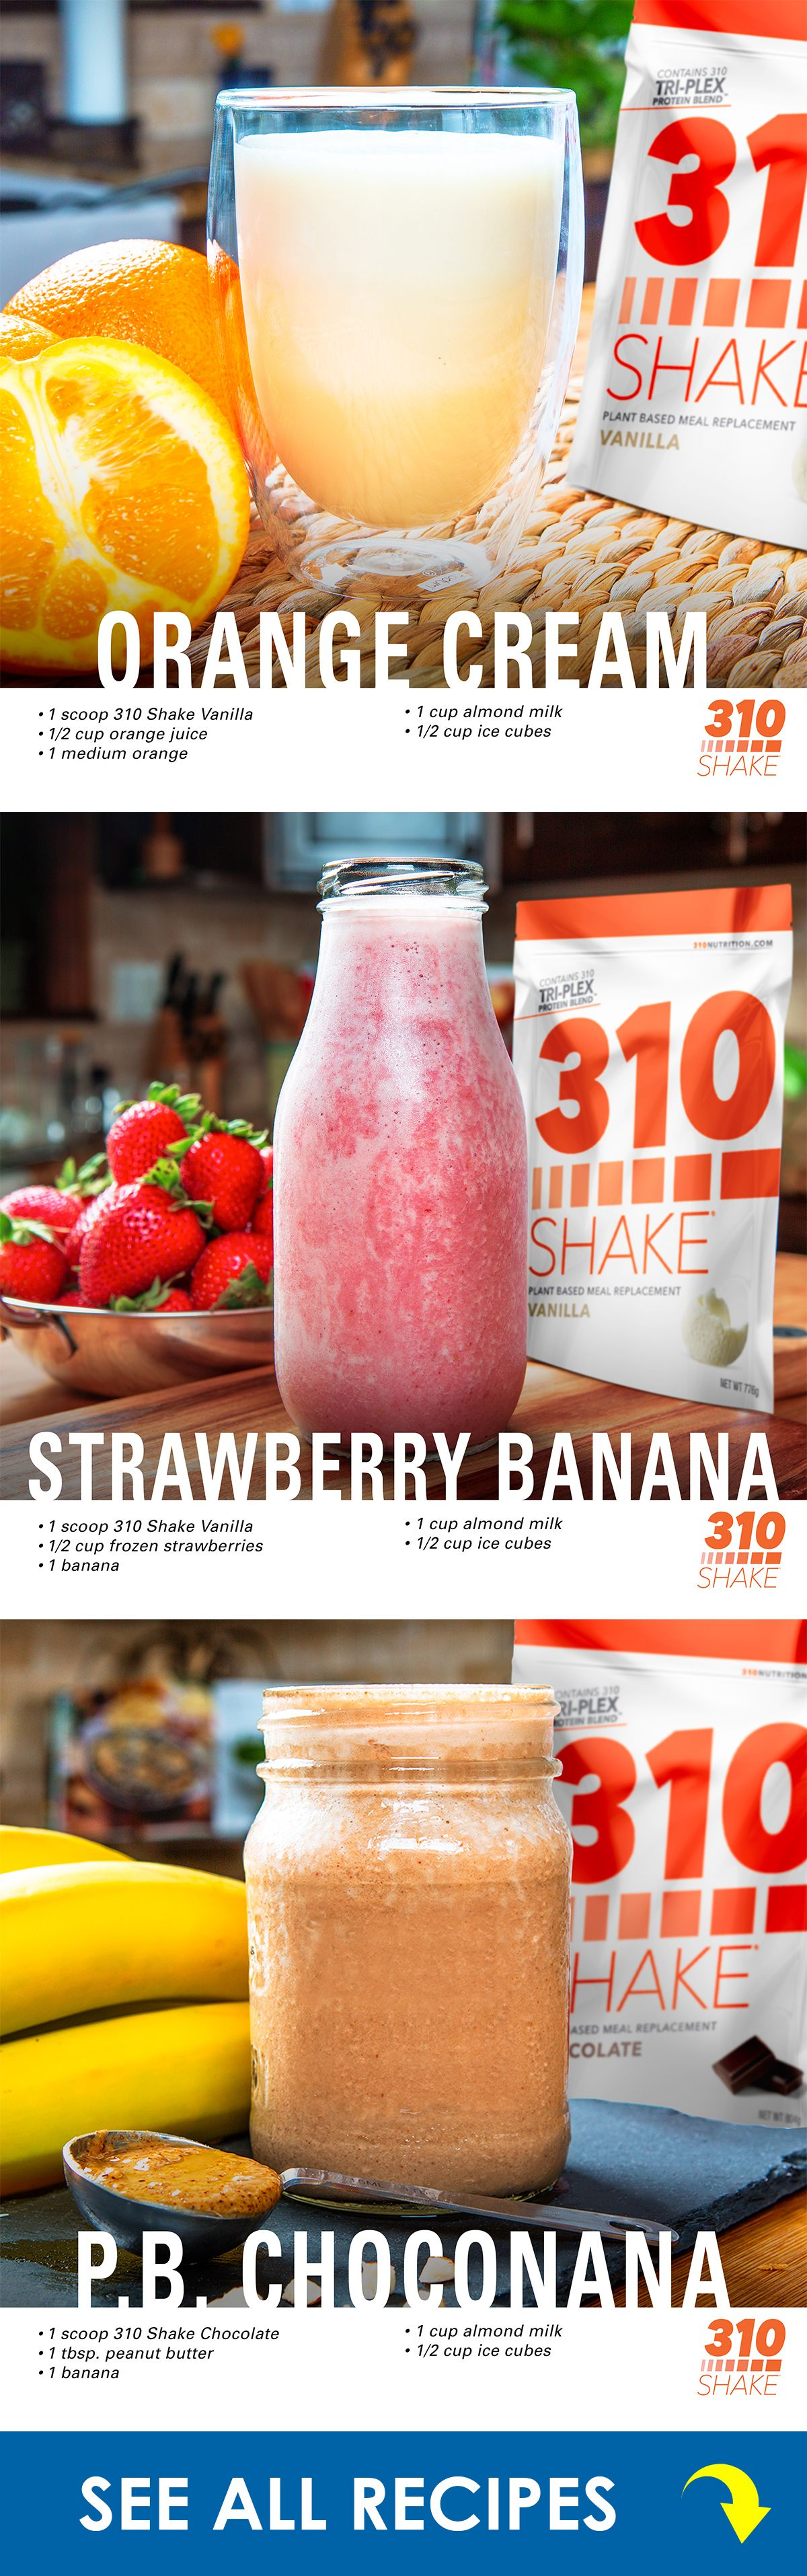 310 protein shakes 310 shake recipes, Shake recipes, 310